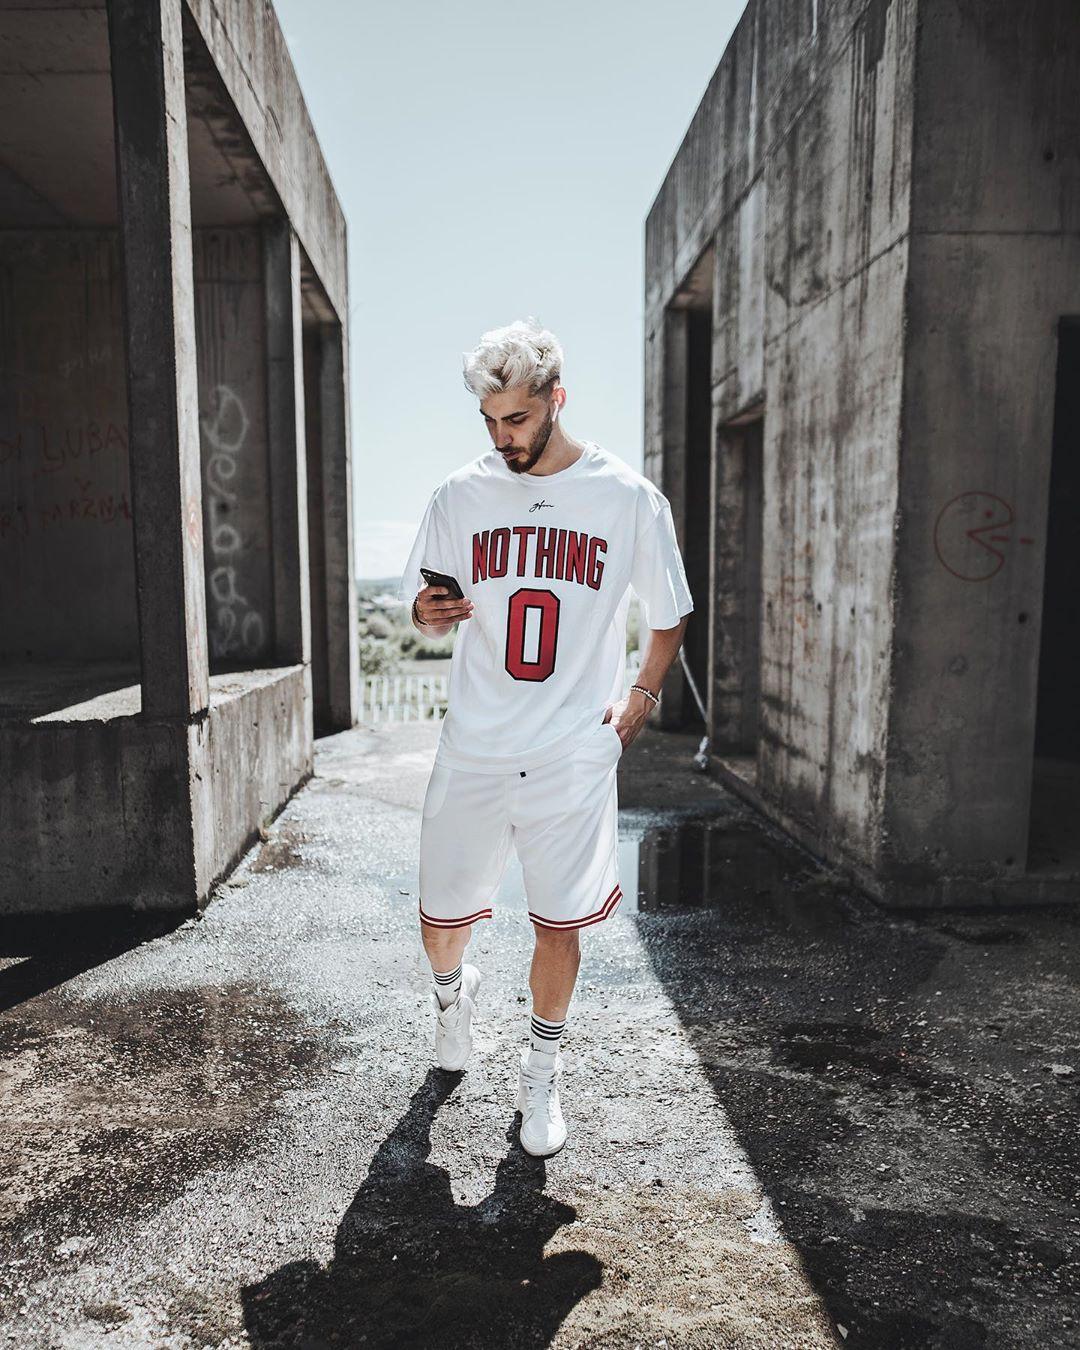 Xây dựng phong cách thể thao với 5 cách phối đồ nam cực tự tin